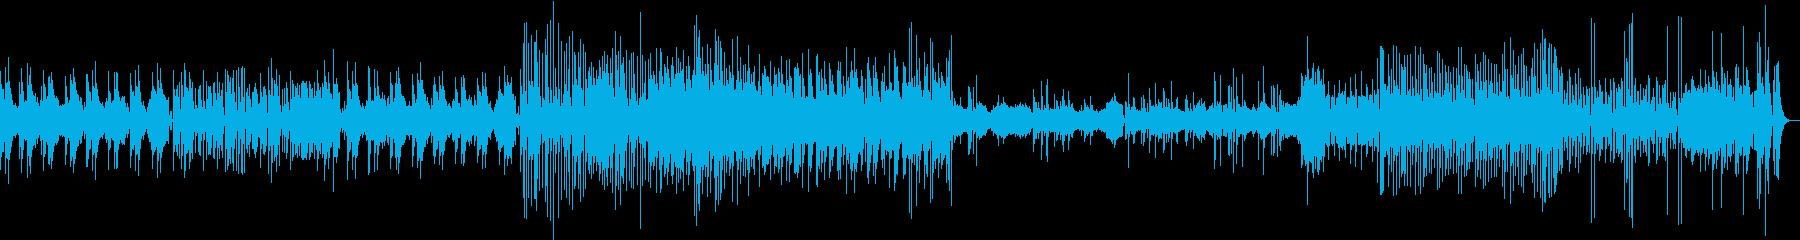 賑やかなお囃子風の曲の再生済みの波形